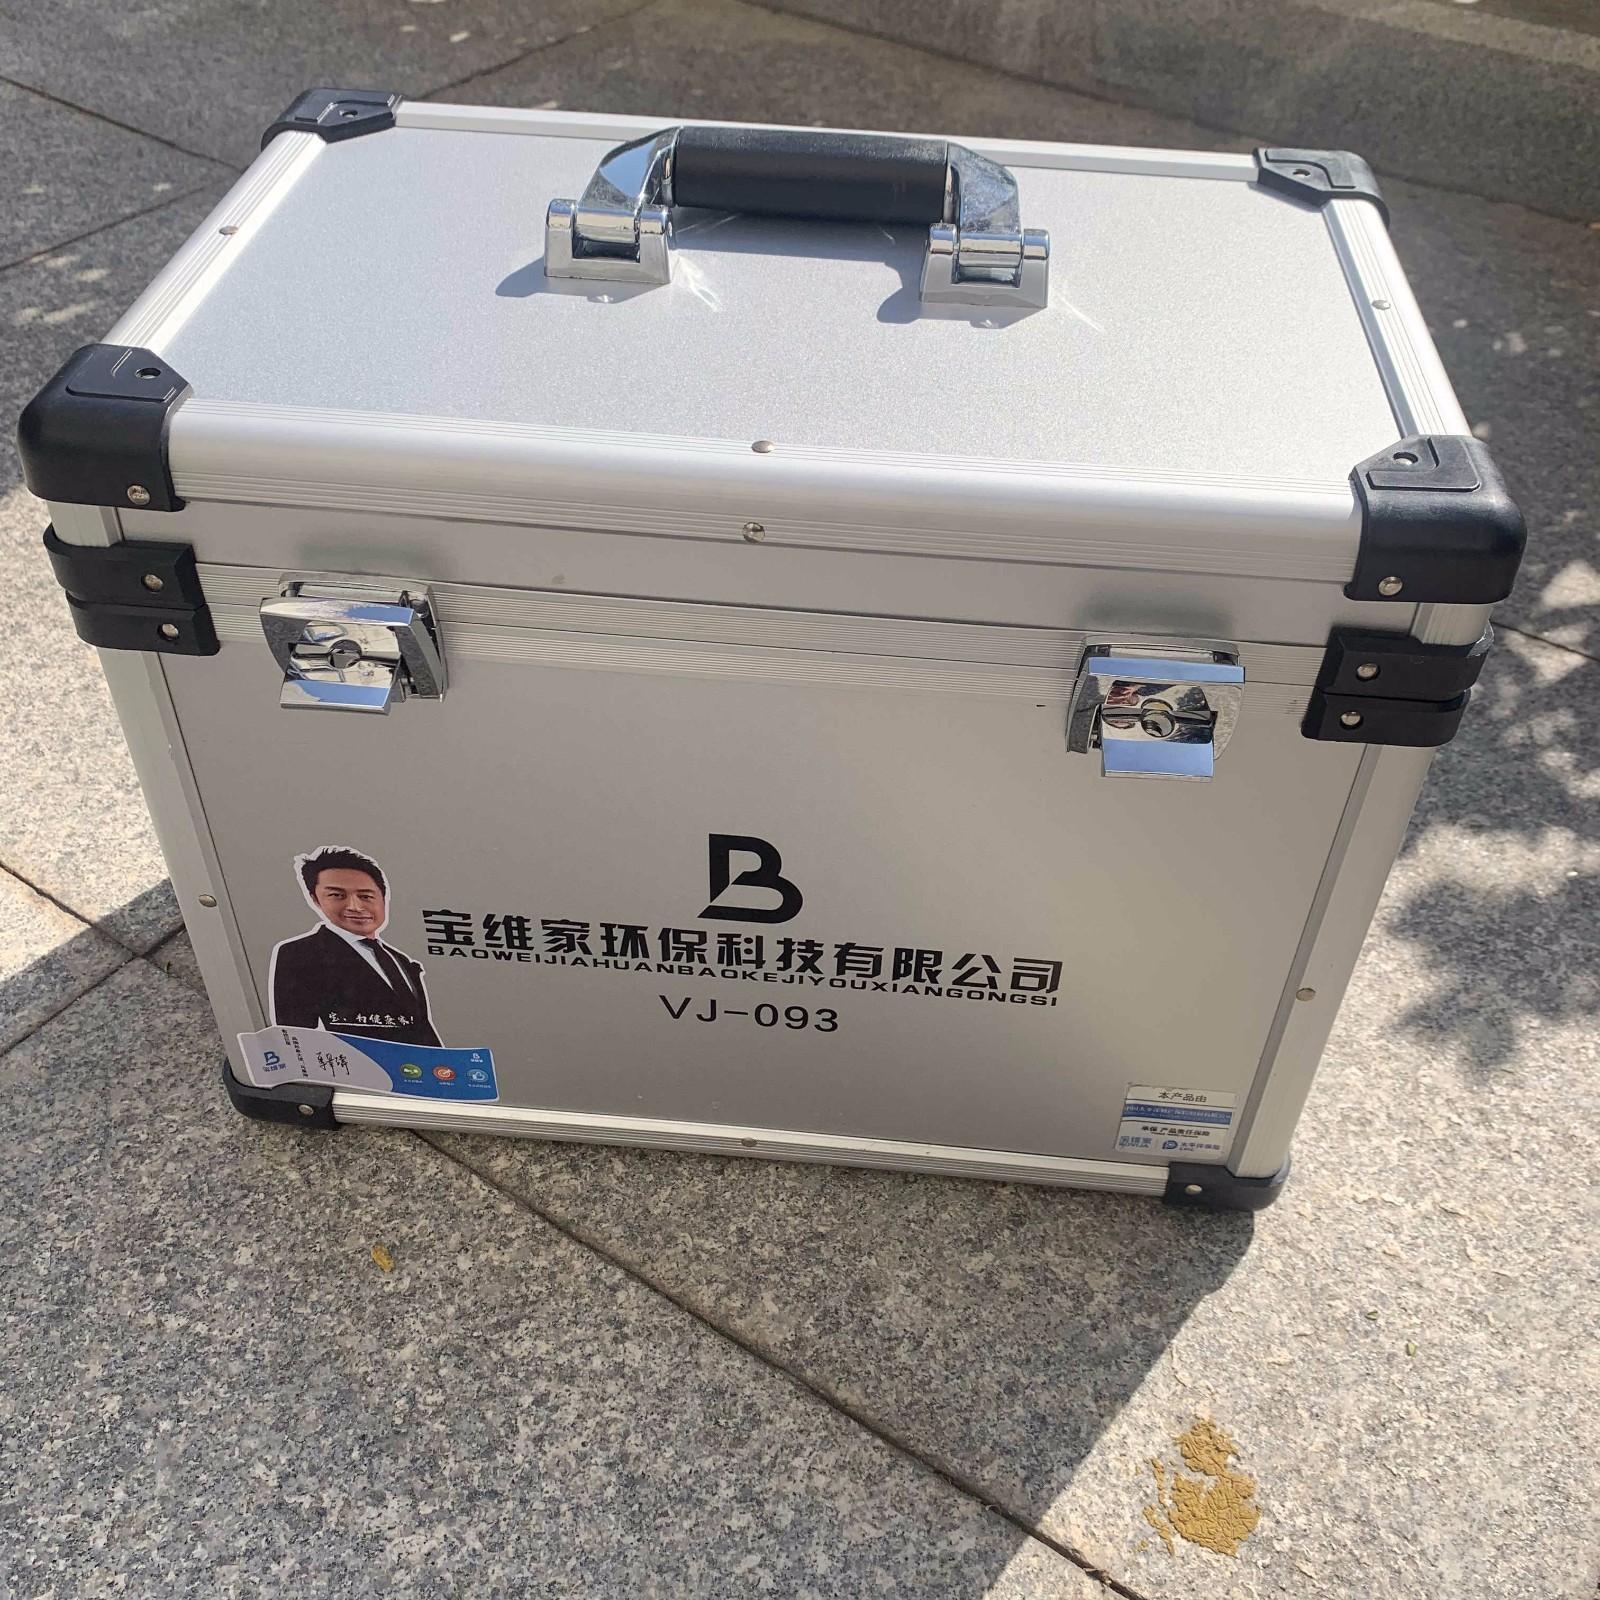 重庆水管清洗 水管清洗设备品牌 全智能自来水管清洗机 自来水管清洗设备